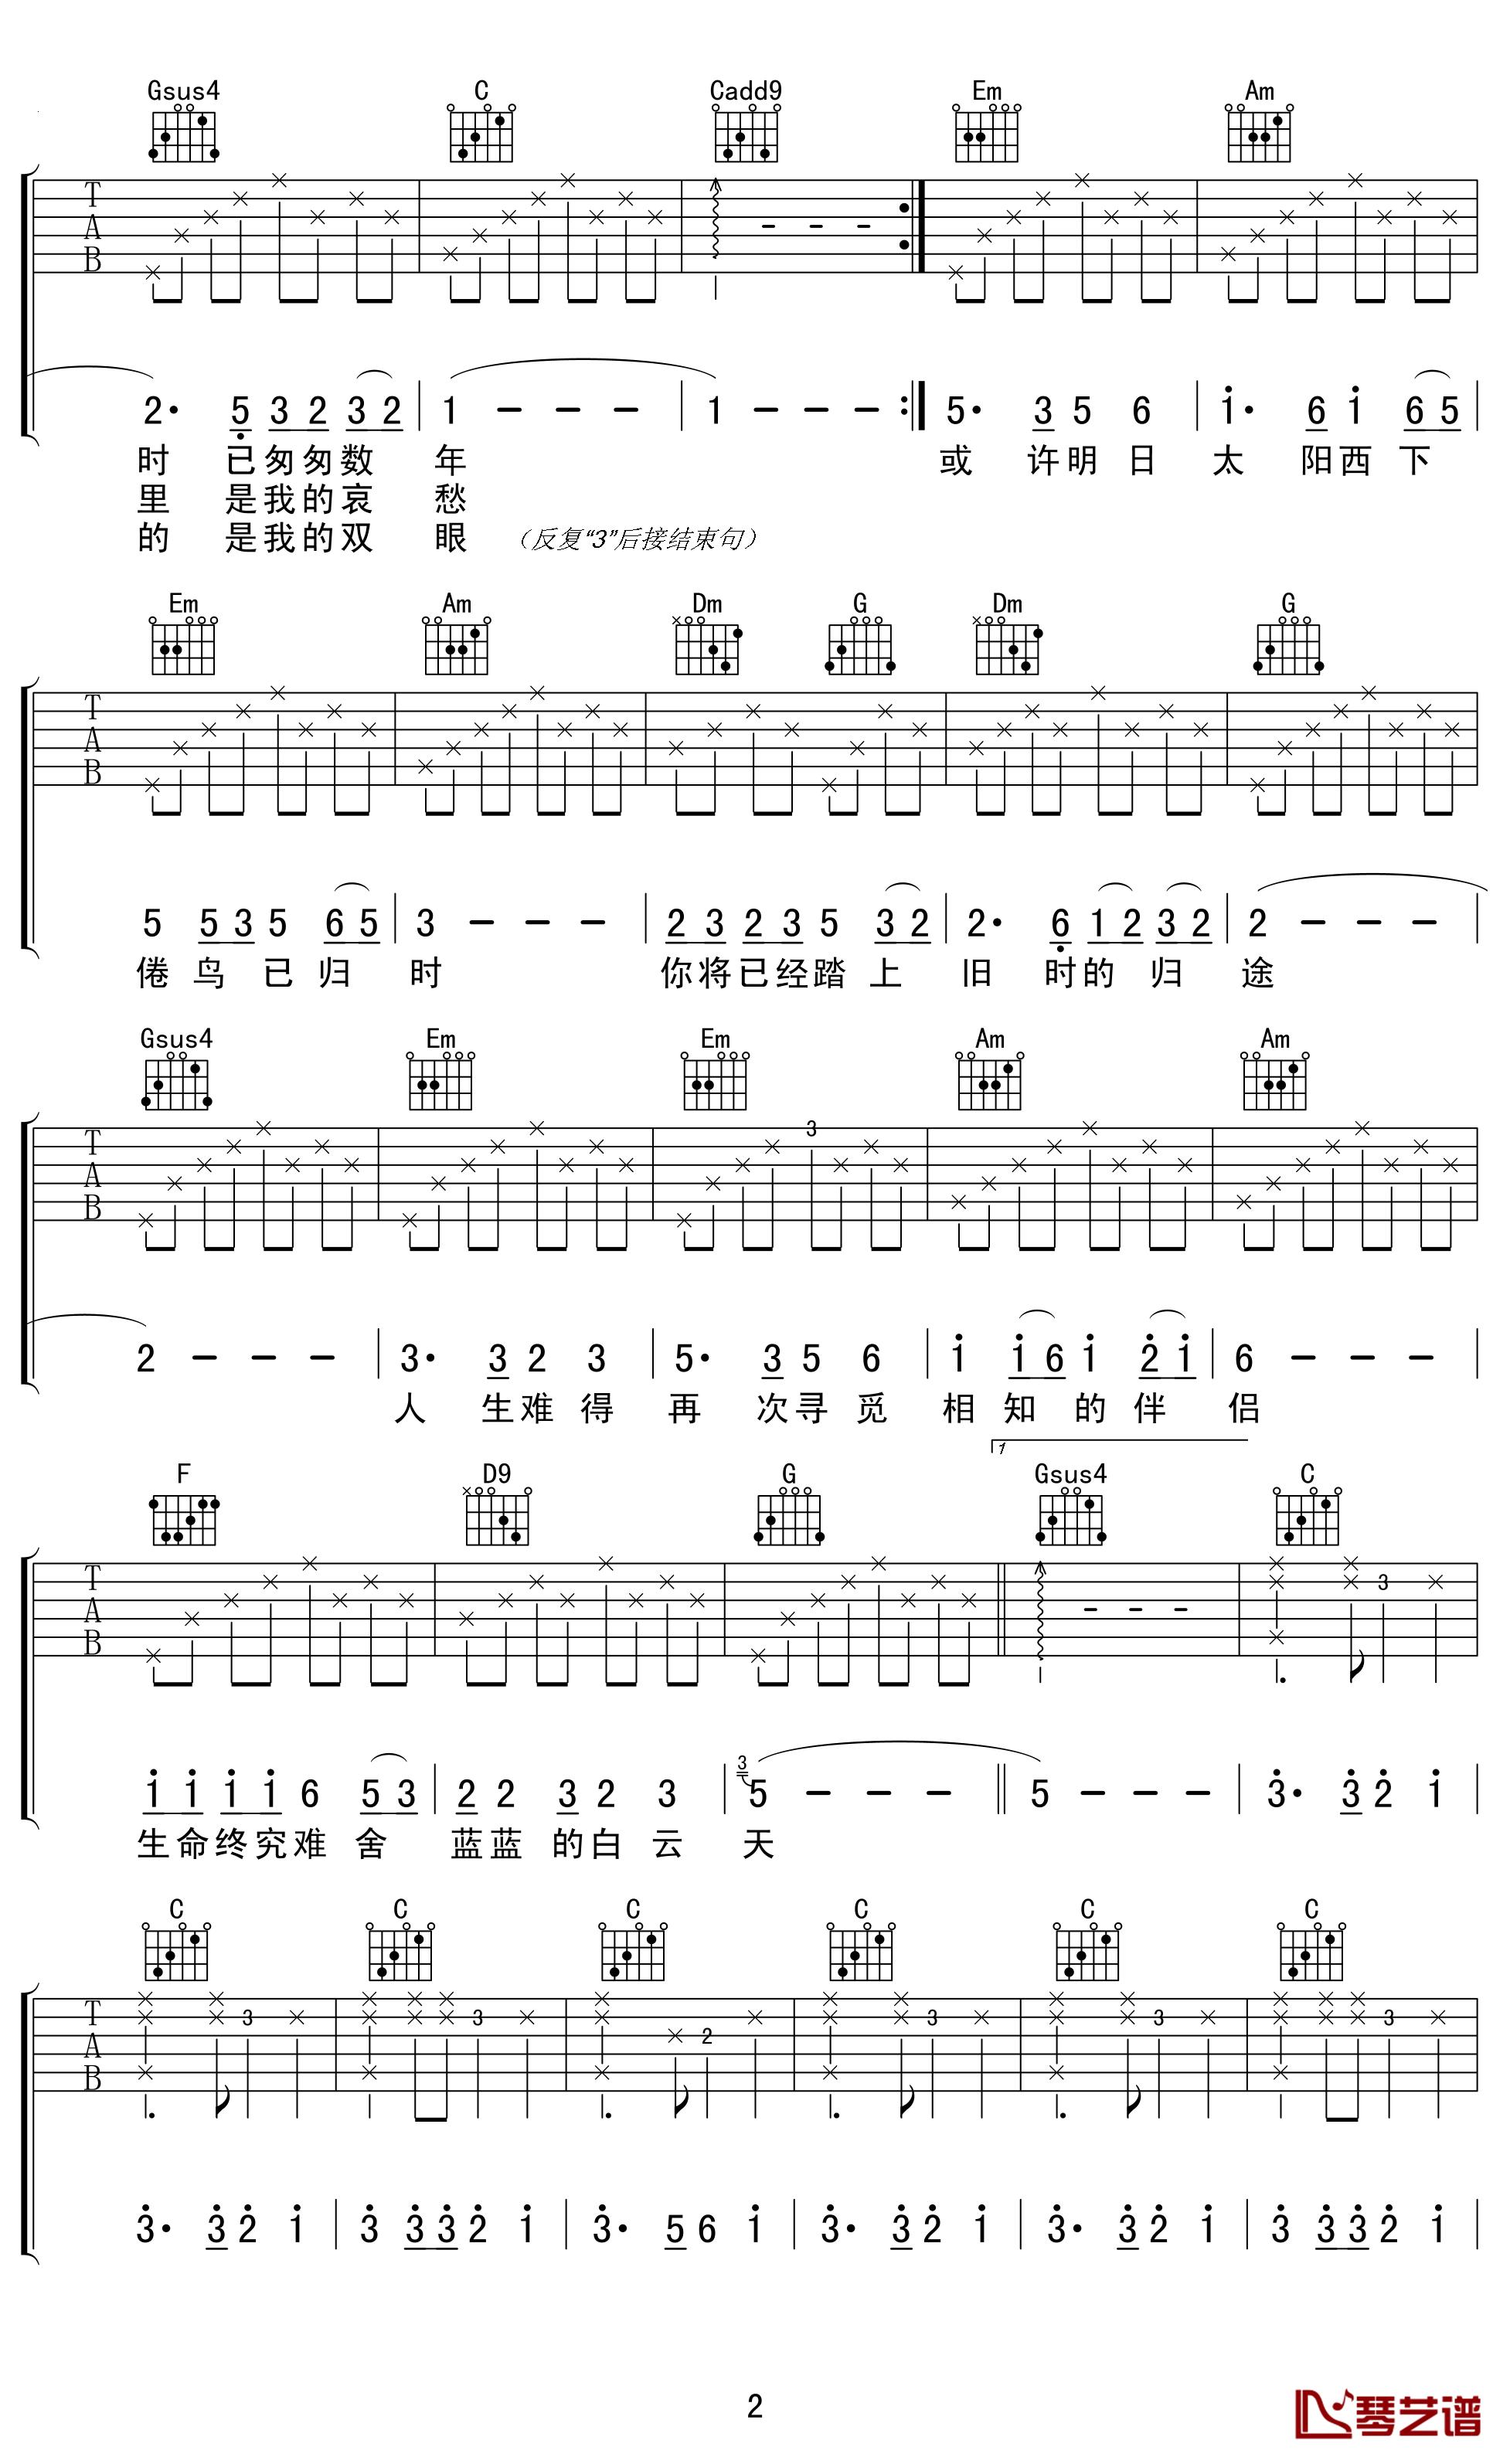 恋曲1990吉他谱-热门歌手罗大佑D调吉他教学谱